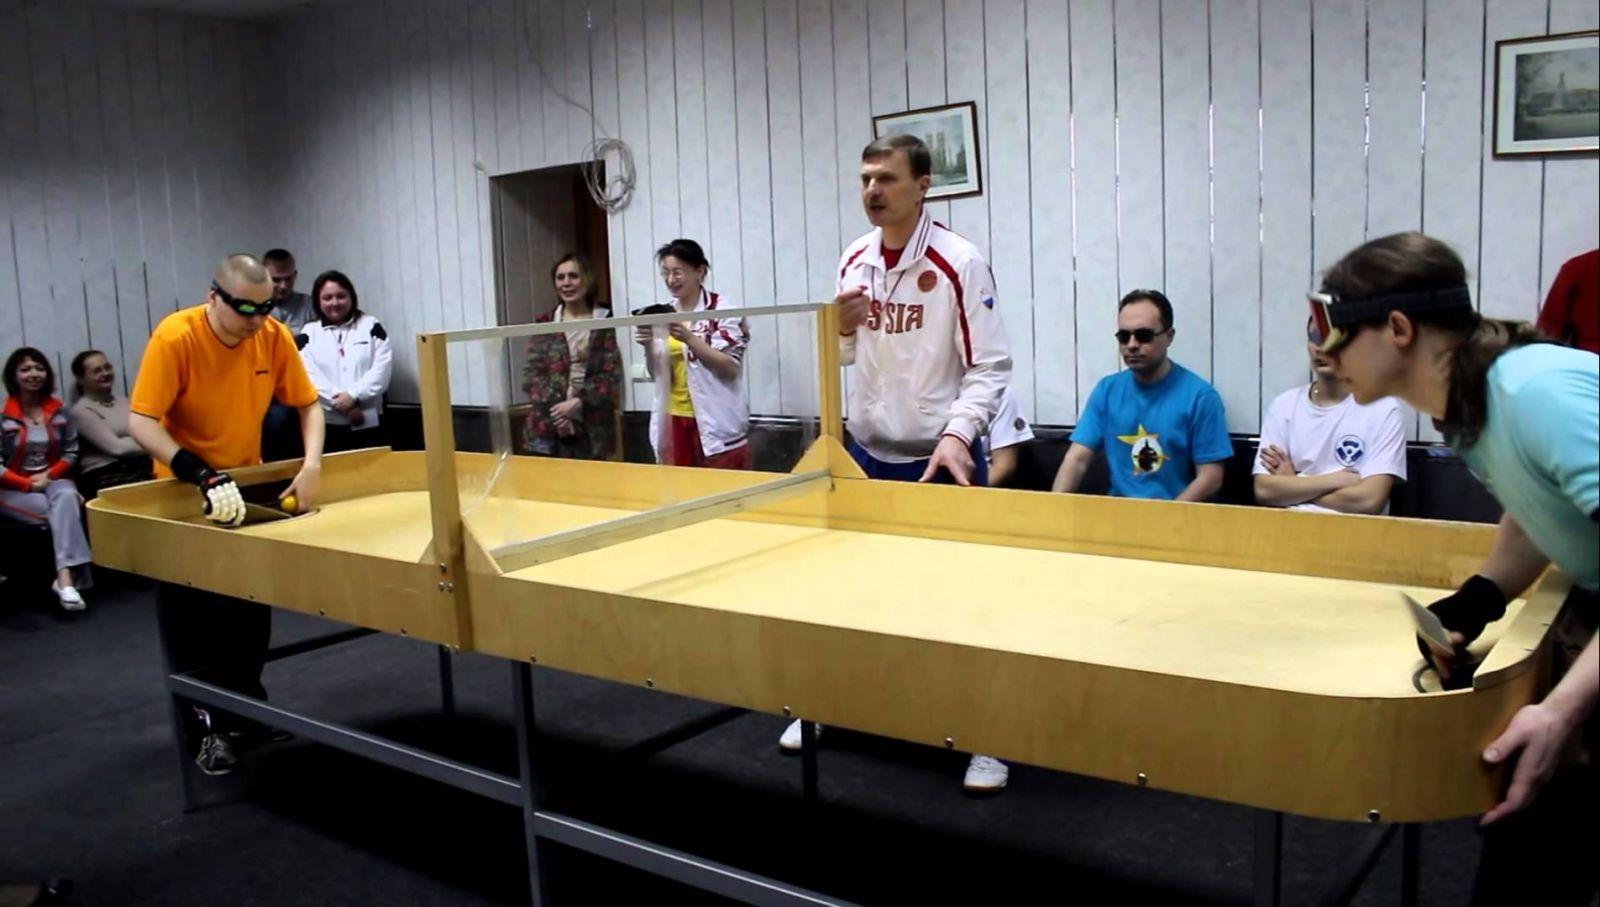 Российские спортсмены нацелены побороться за призовые места на чемпионате мира по настольному теннису спорта слепых в Швеции